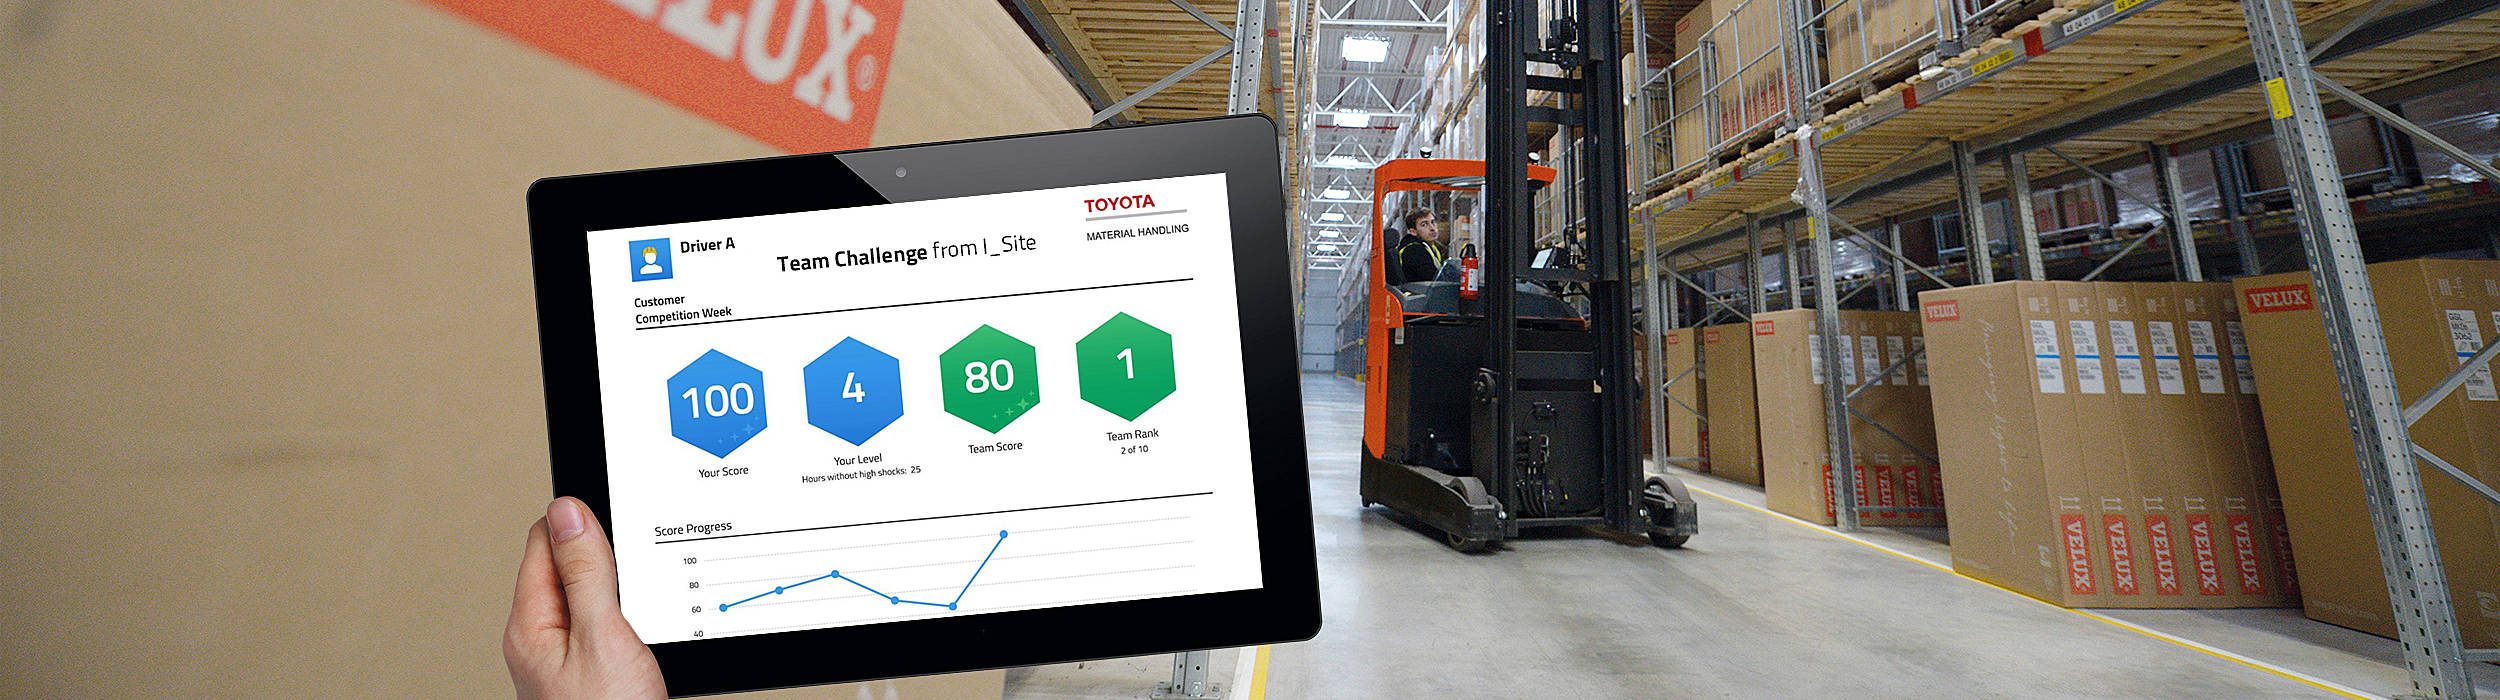 Menos colisiones en el almacén central de VELUX gracias a la gamificación de Toyota I_Site